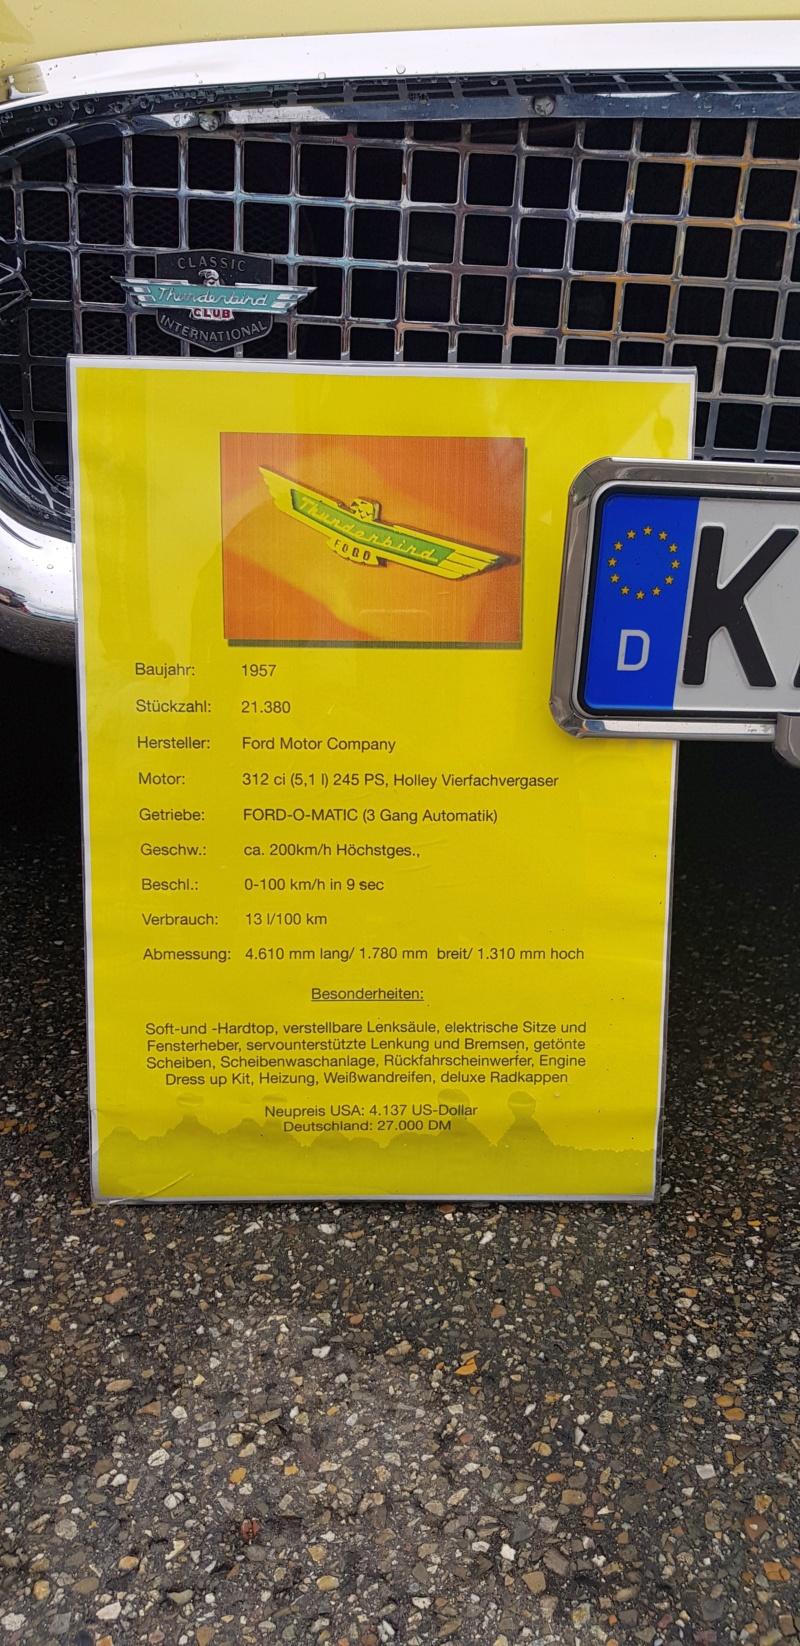 US Car Treffen im Technikmuseum Sinsheim 3.+4.8. 2019 20191330